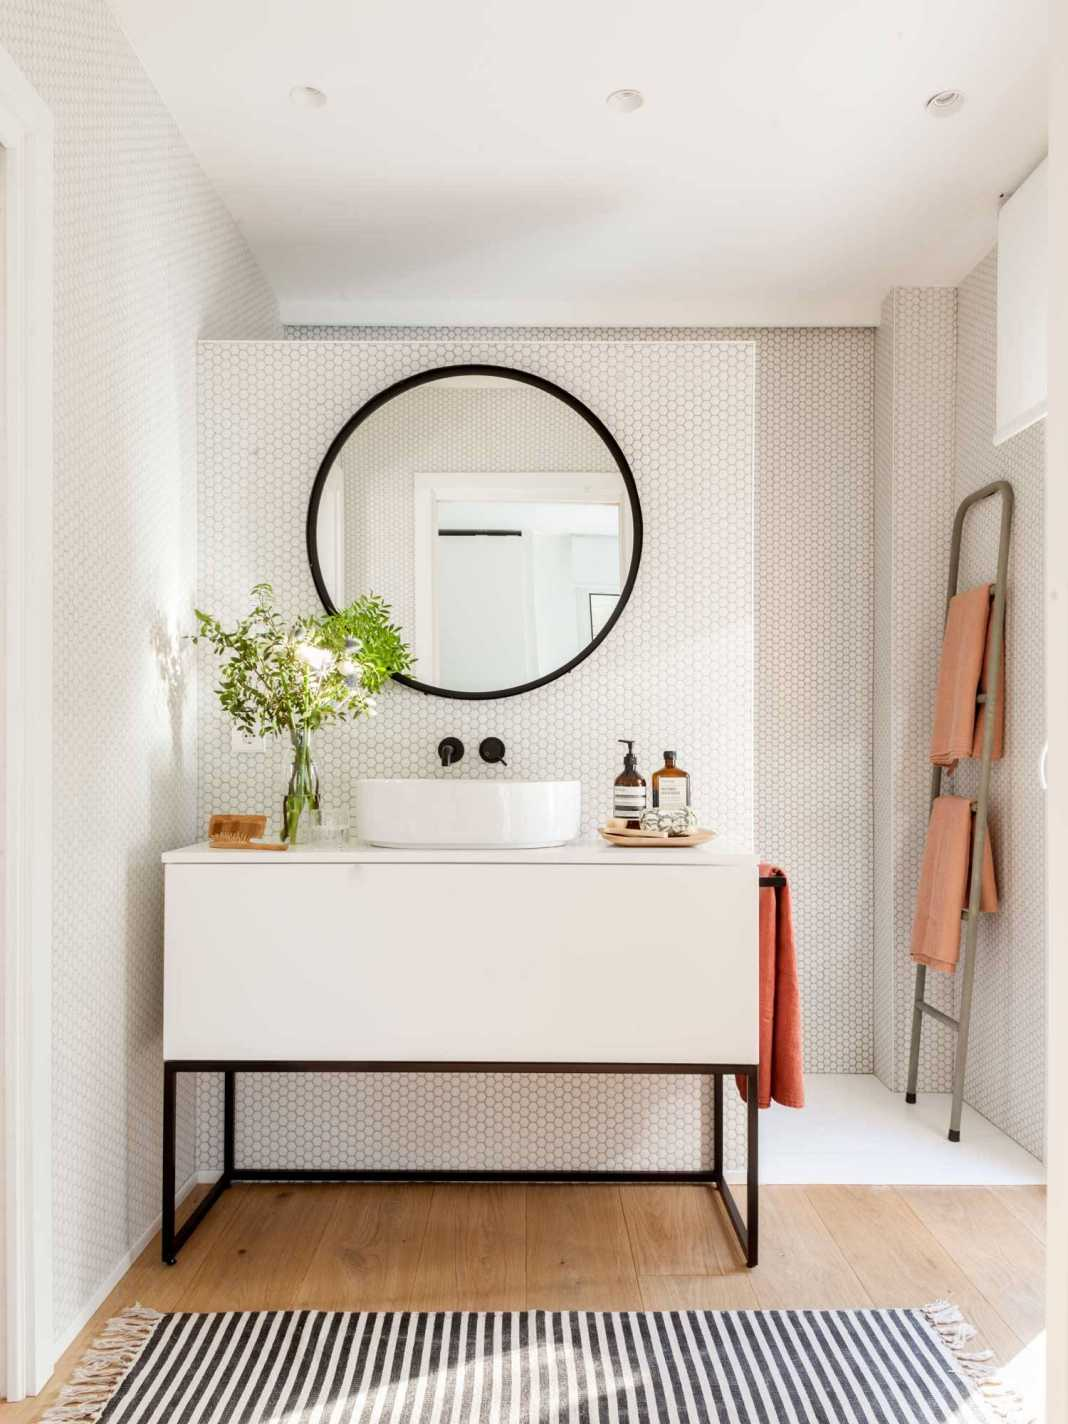 10 ideas para purificar el aire de tu casa